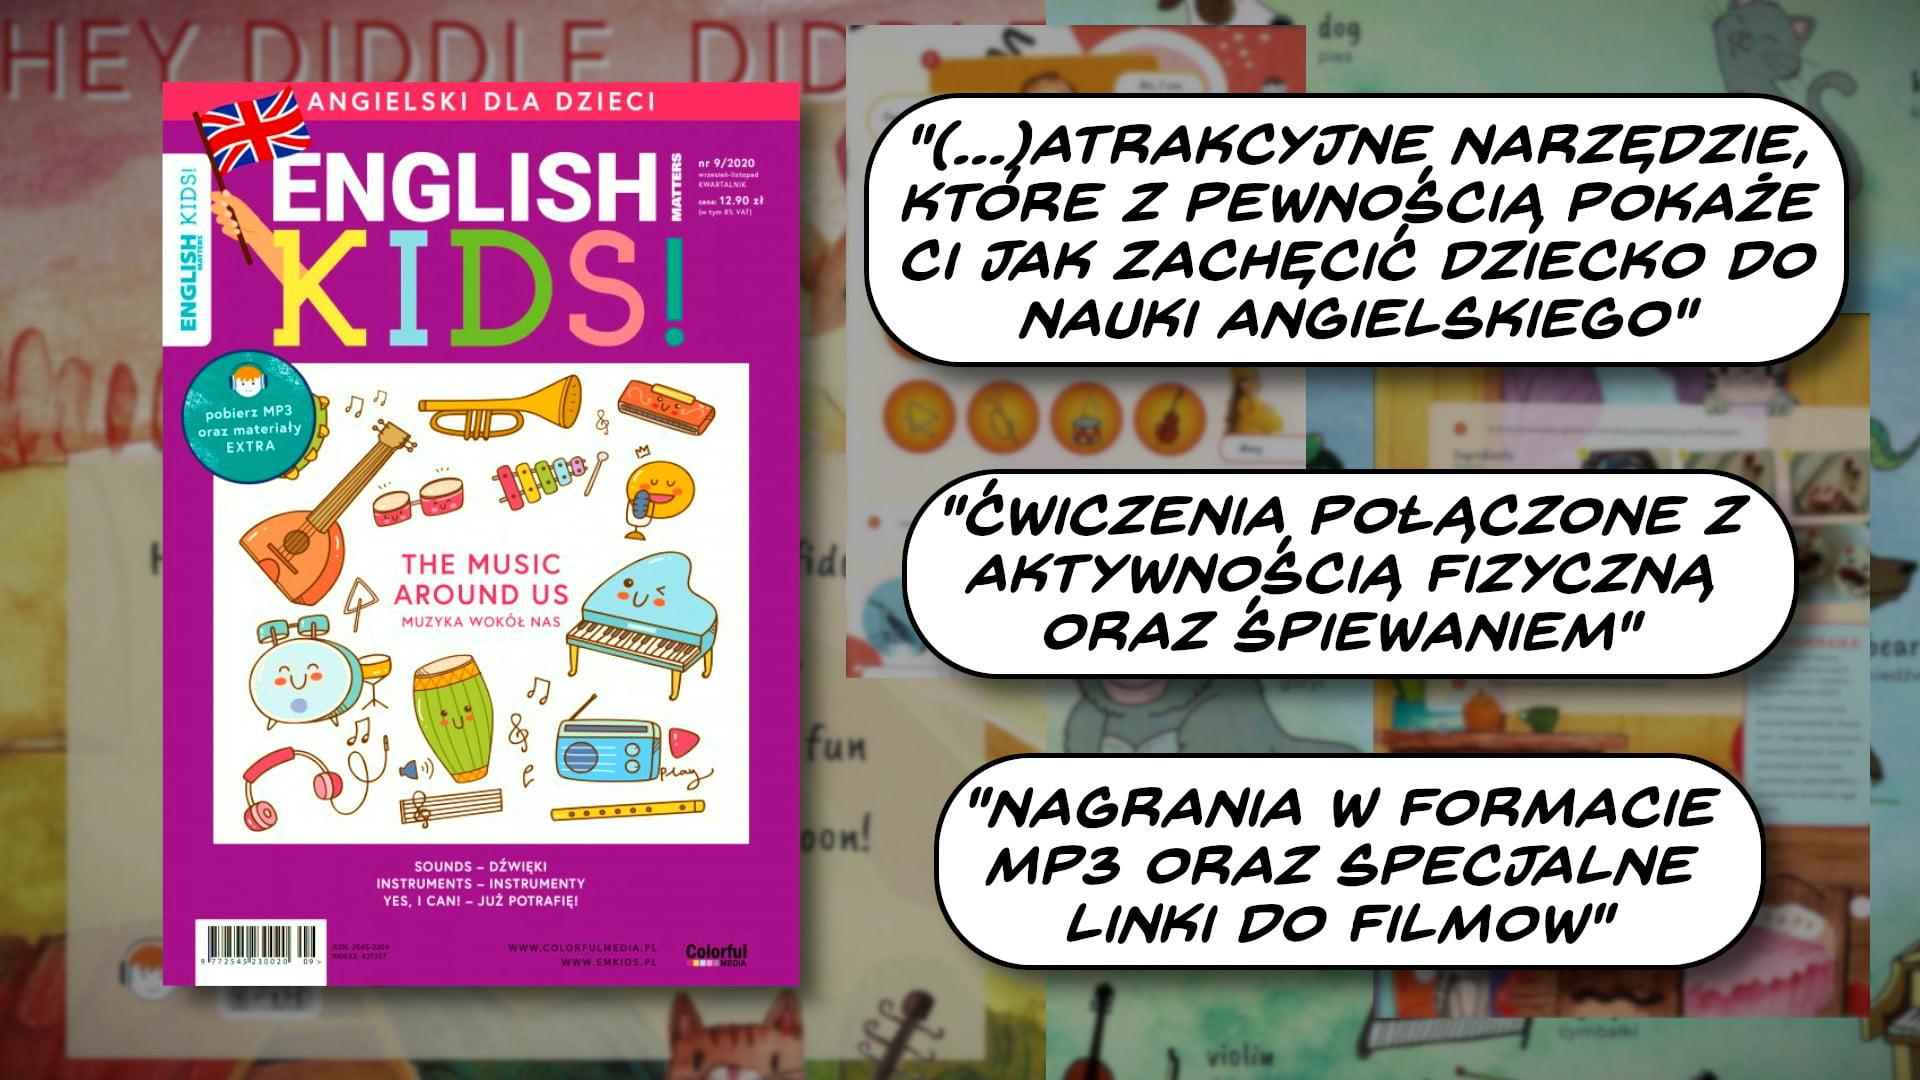 Jak zachęcić dziecko do nauki angielskiego? English Matters KIDS 9/2020